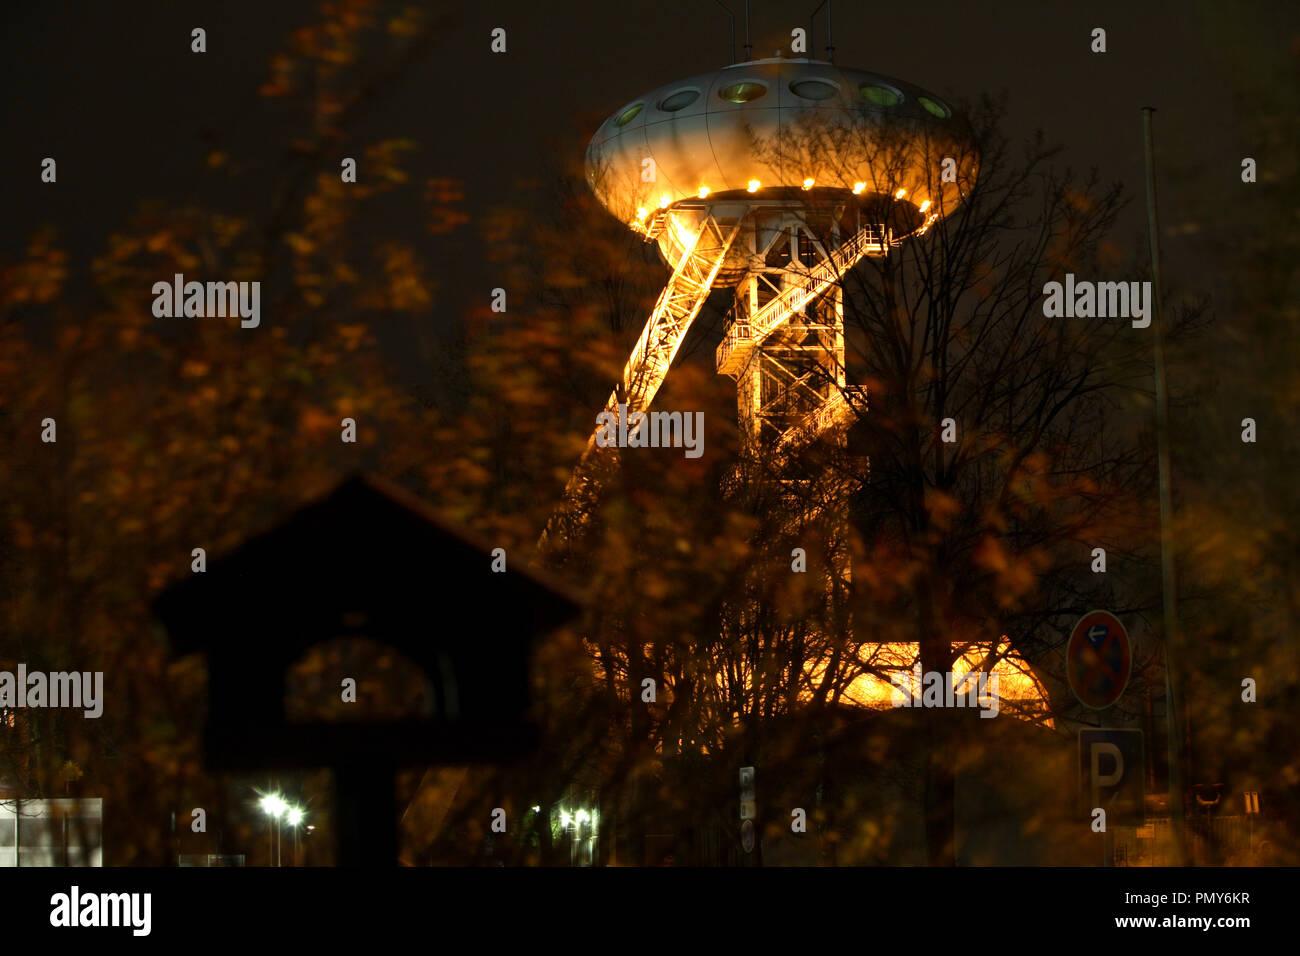 """El """"huevo Colani' es el rediseño de un futurista torre sinuosa de la antigua mina de carbón Ministro Achenbach en Lünen-Brambauer. El diseño provino del famoso diseñador Luigi Colani. Imagen De Stock"""